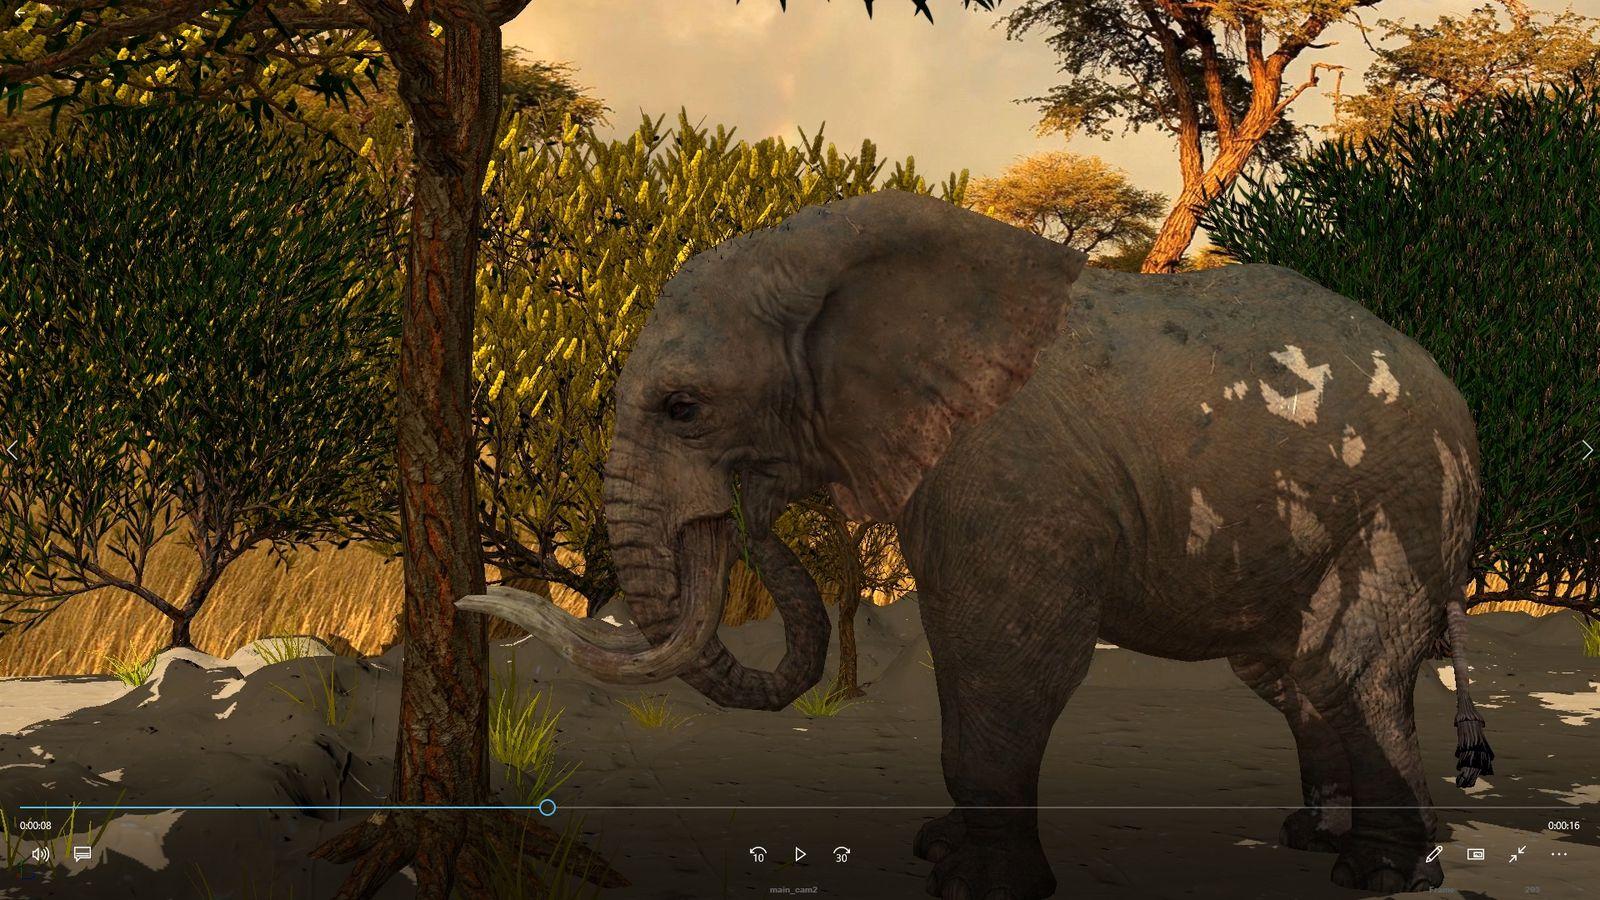 Elephant vs Tree